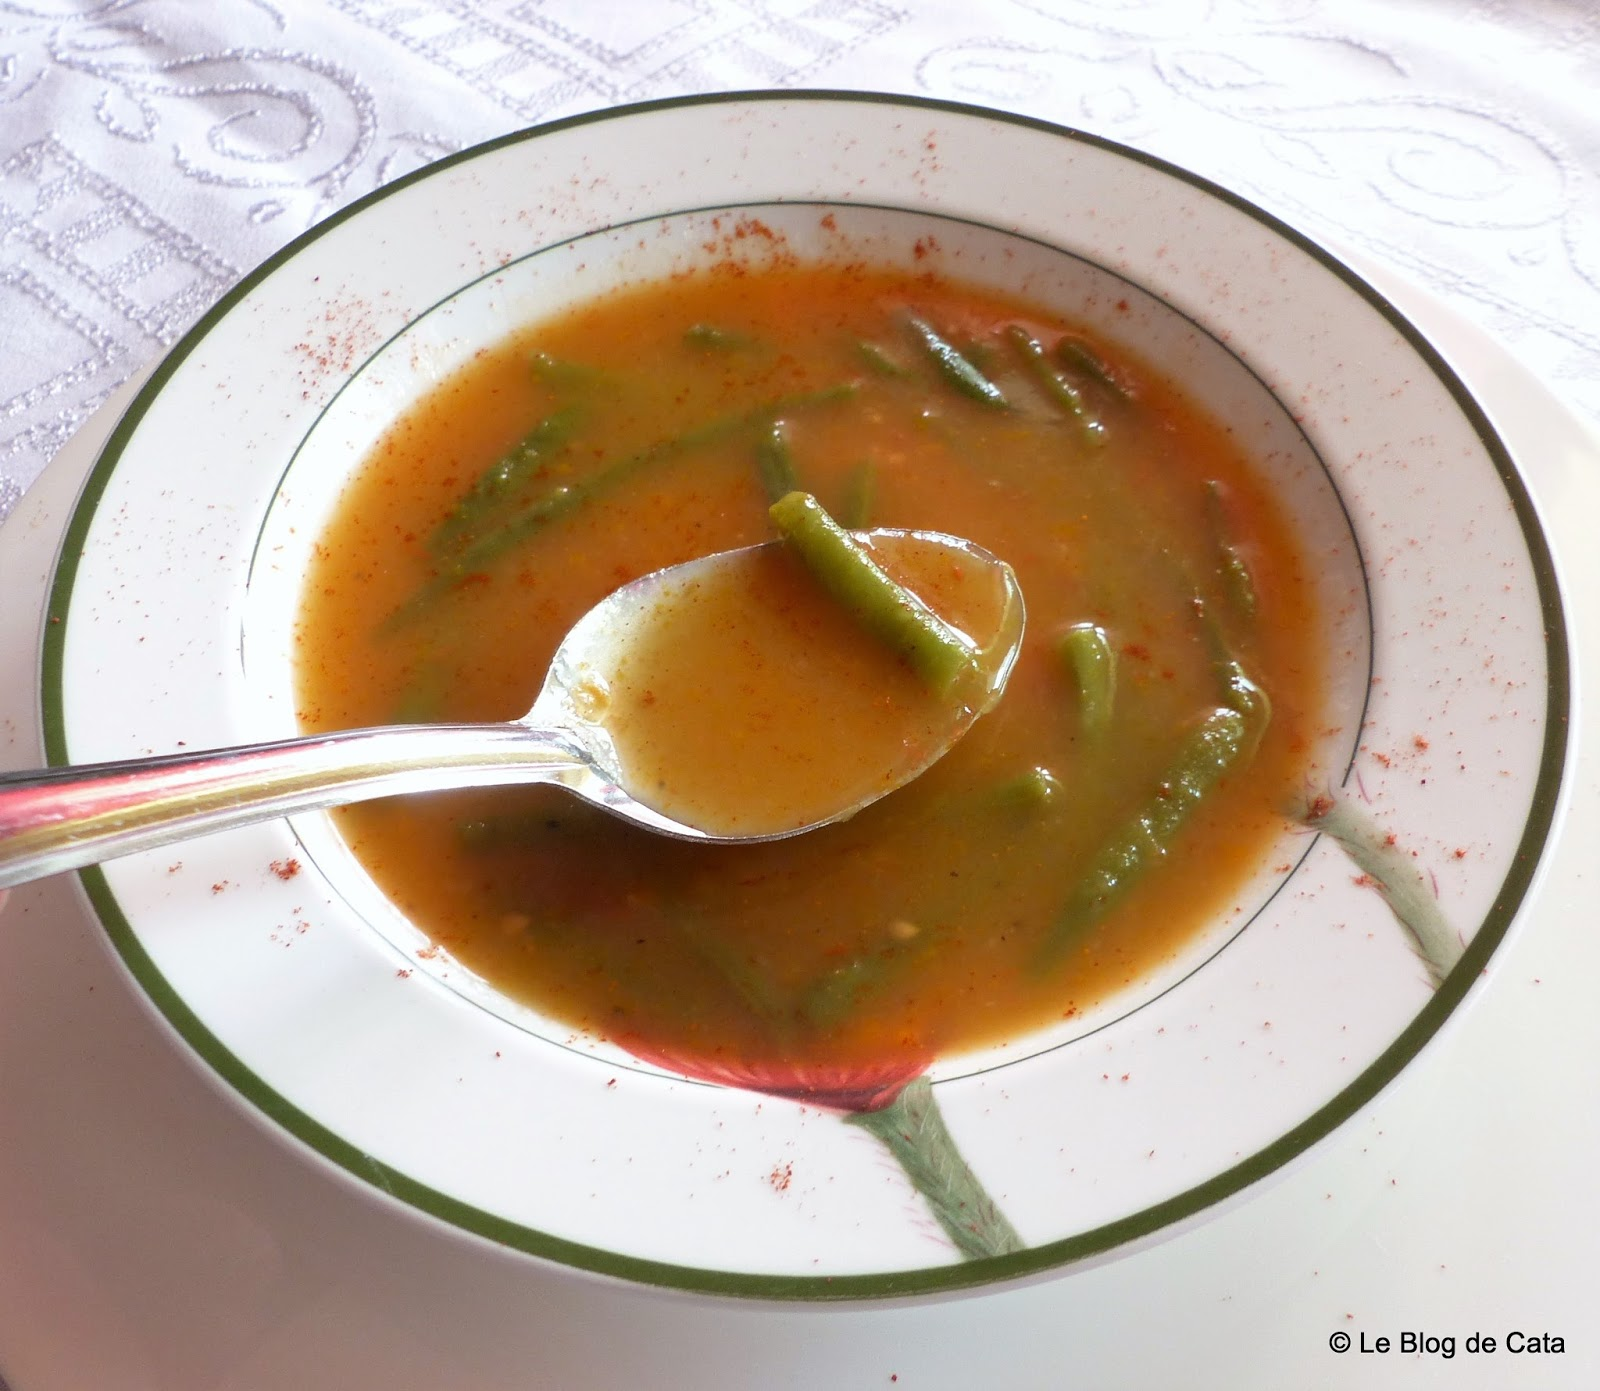 Soupe aux haricots verts sopa de feij o verde - Cuisiner les haricots verts ...